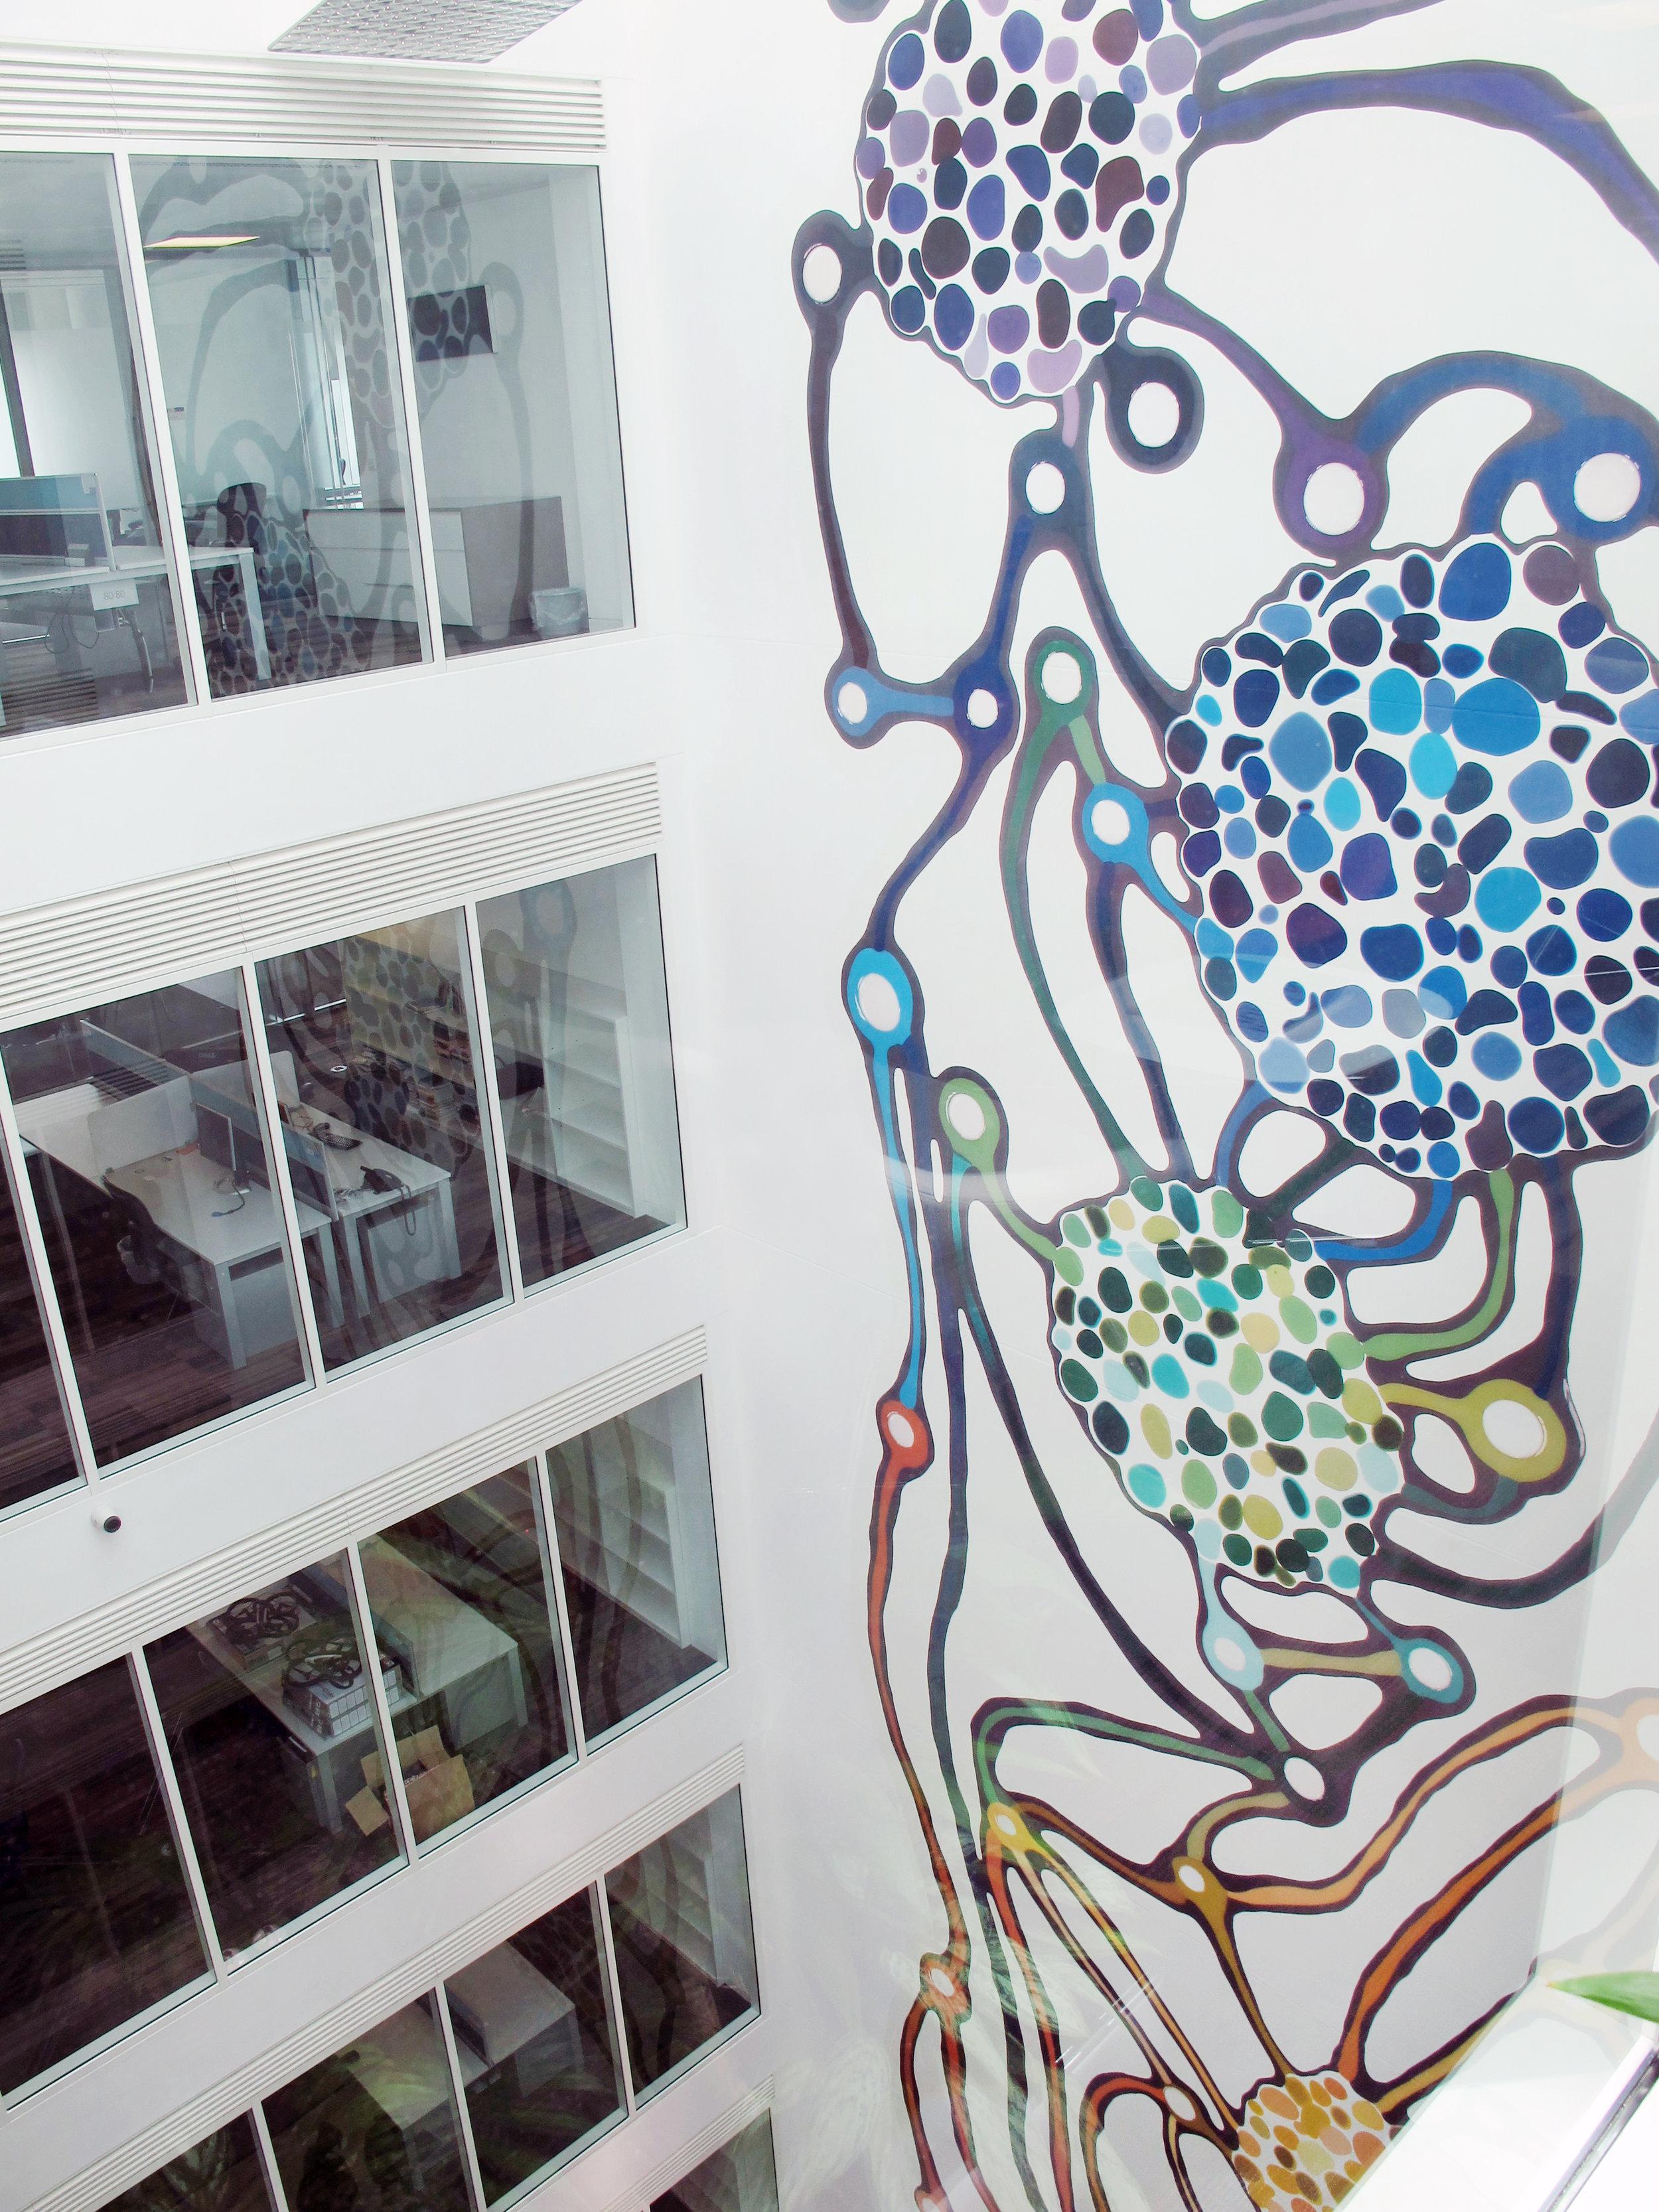 Klari Reis atrium artwork. Microsoft Research Cambridge, England